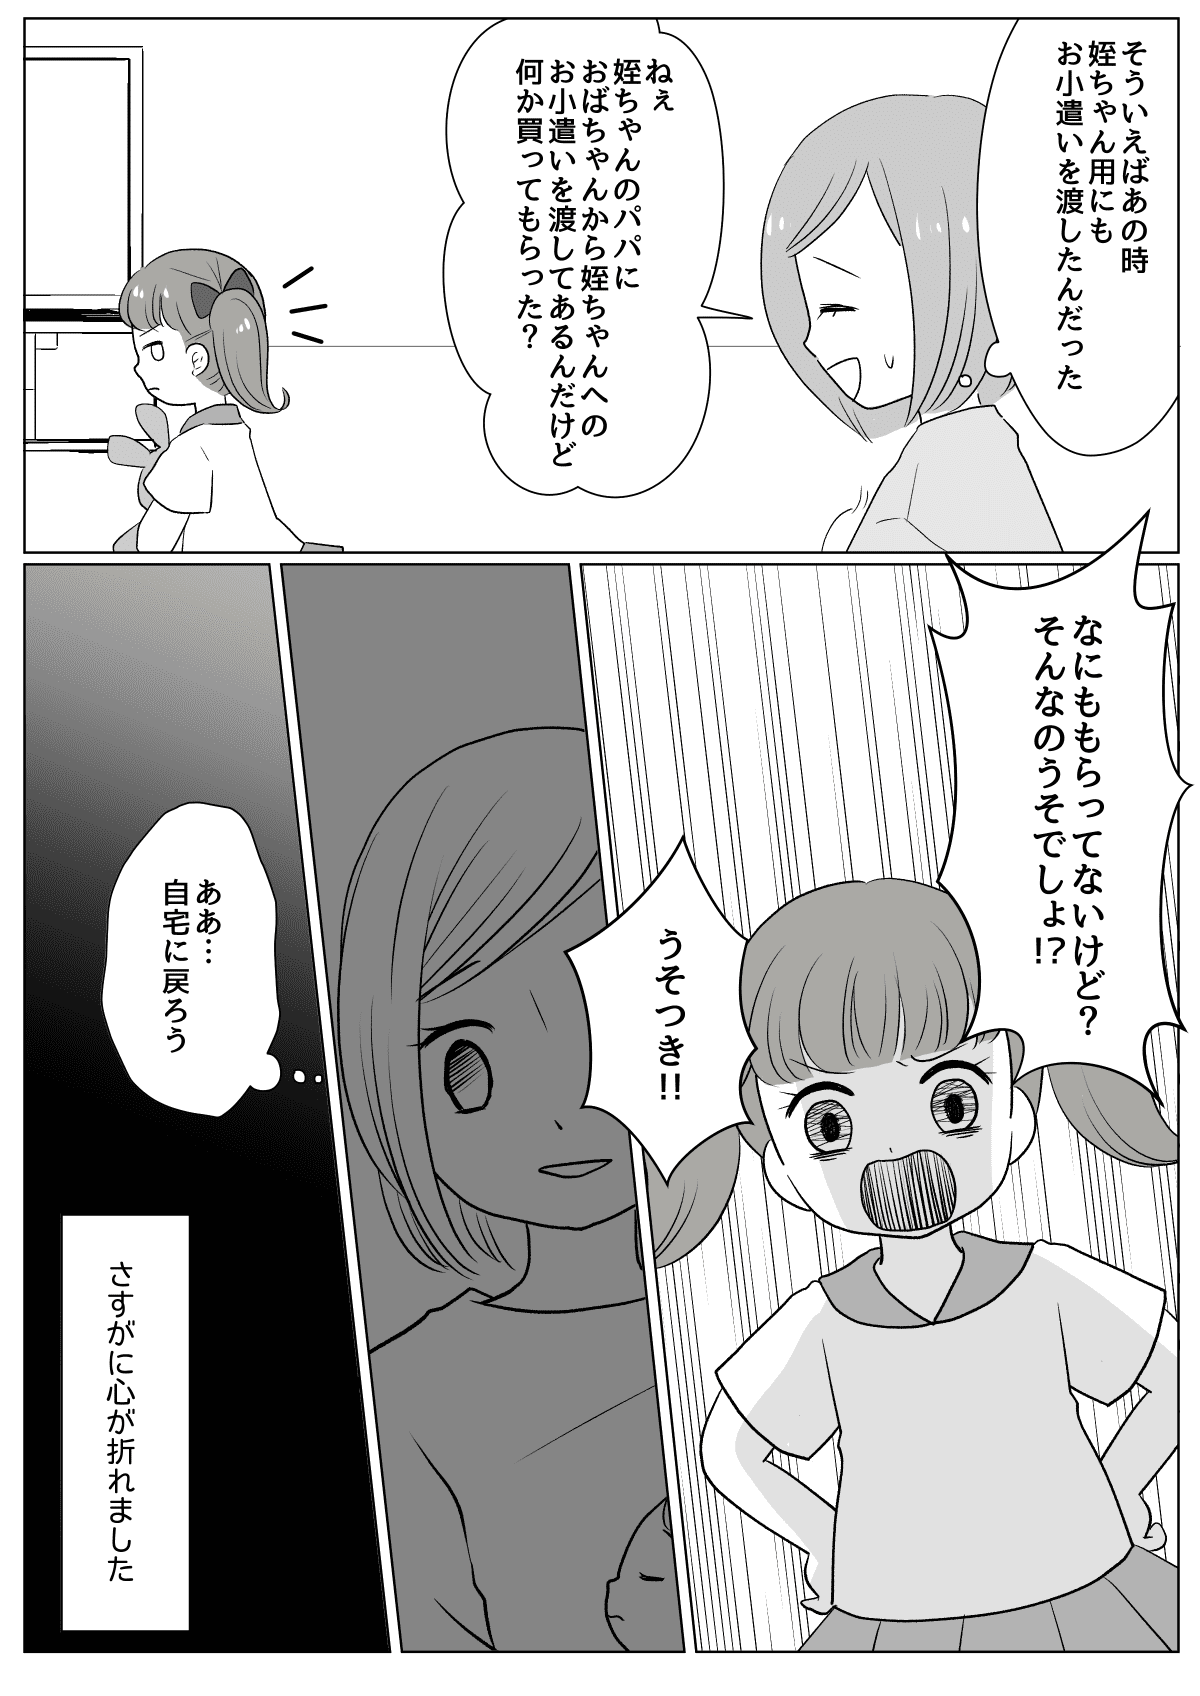 単発202004-3-2 (1)